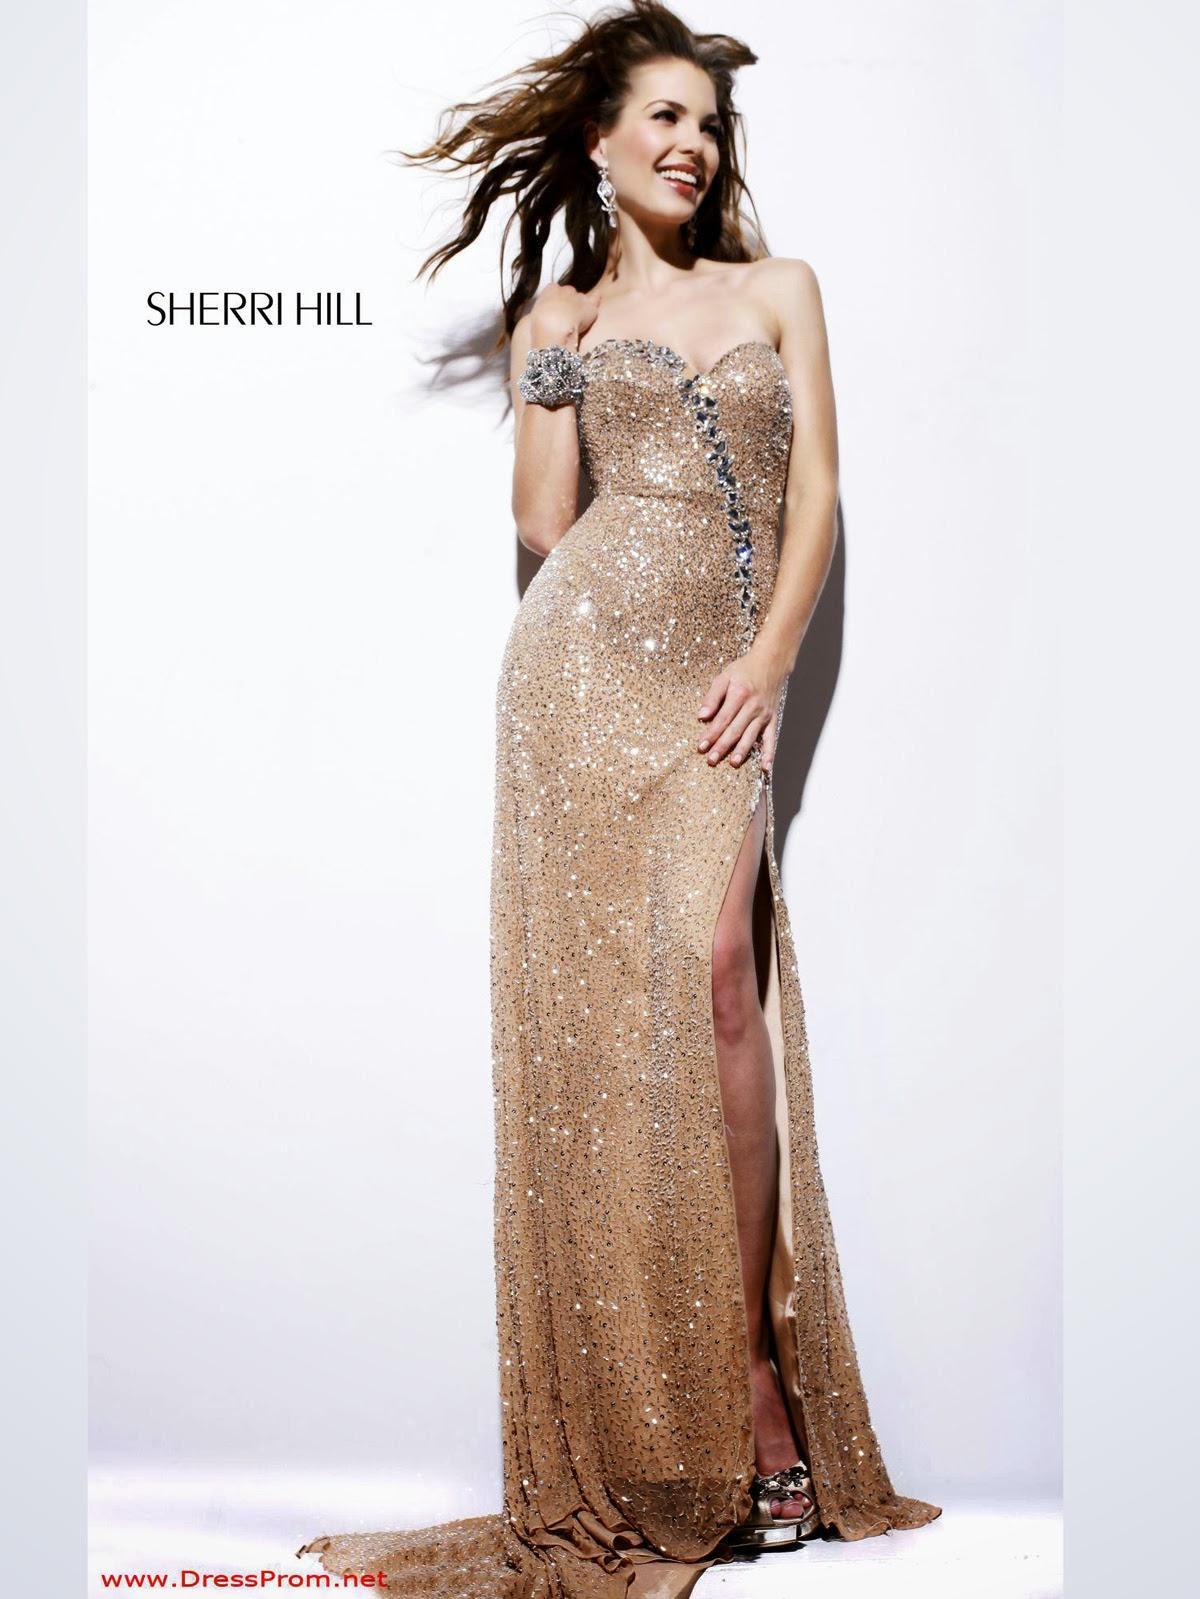 Resale Formal Dresses Austin Boutique Prom Dresses